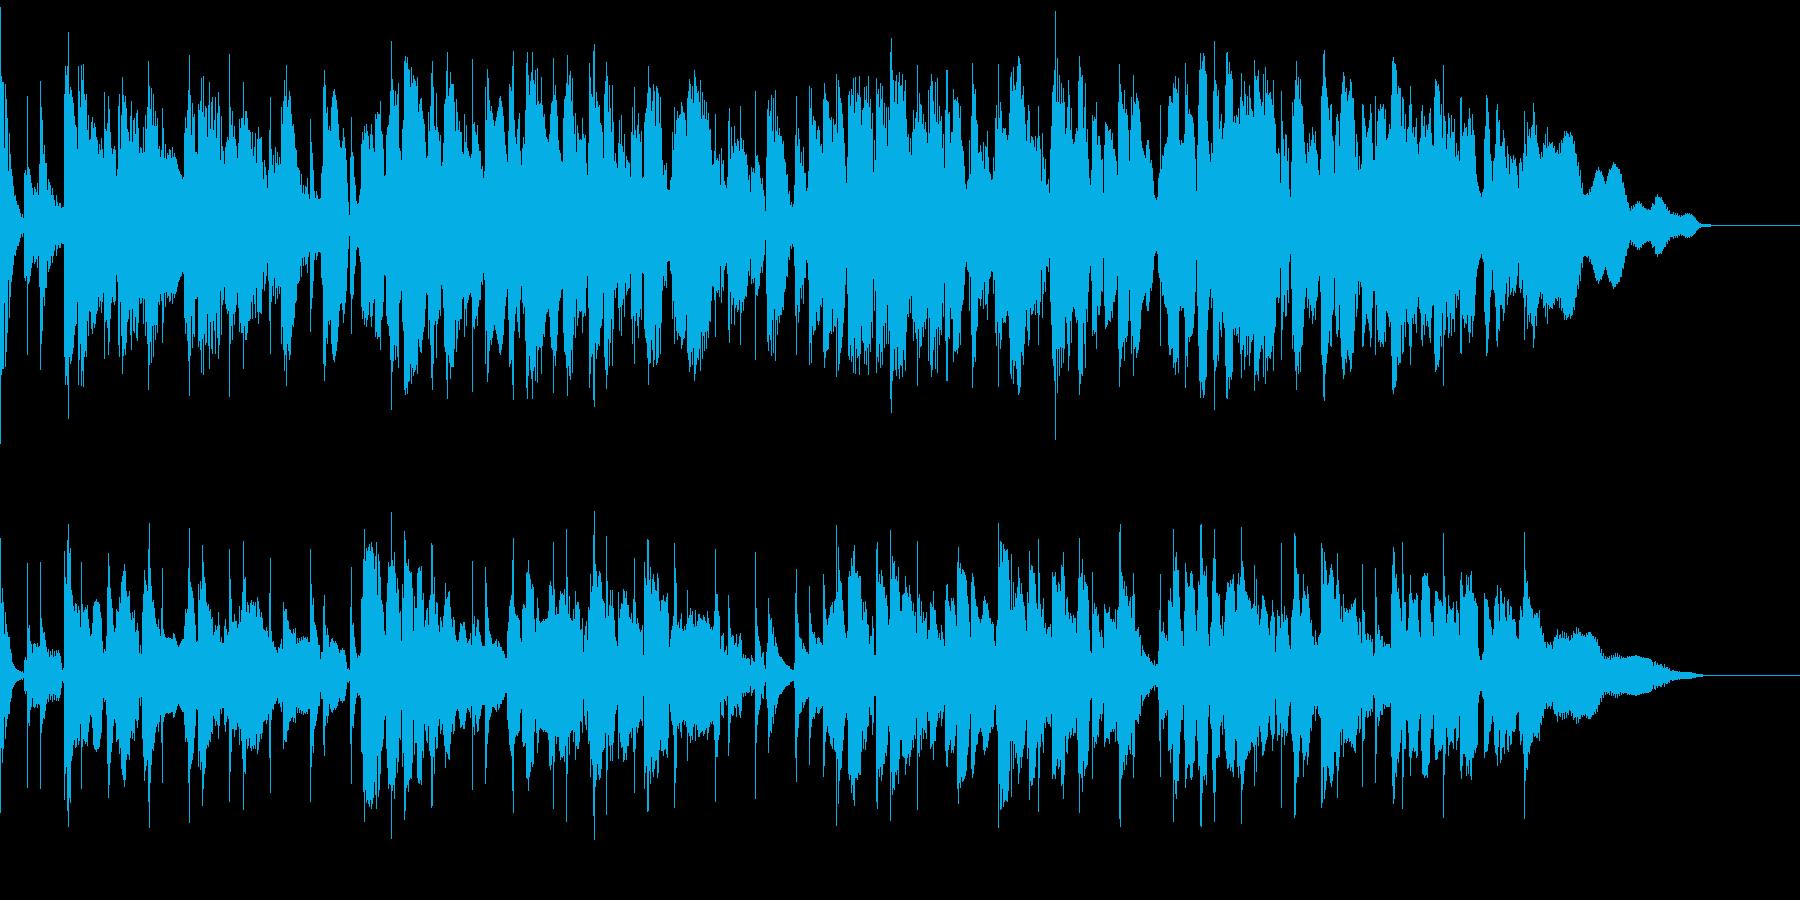 ブルース カフェっぽさ 生演奏の再生済みの波形